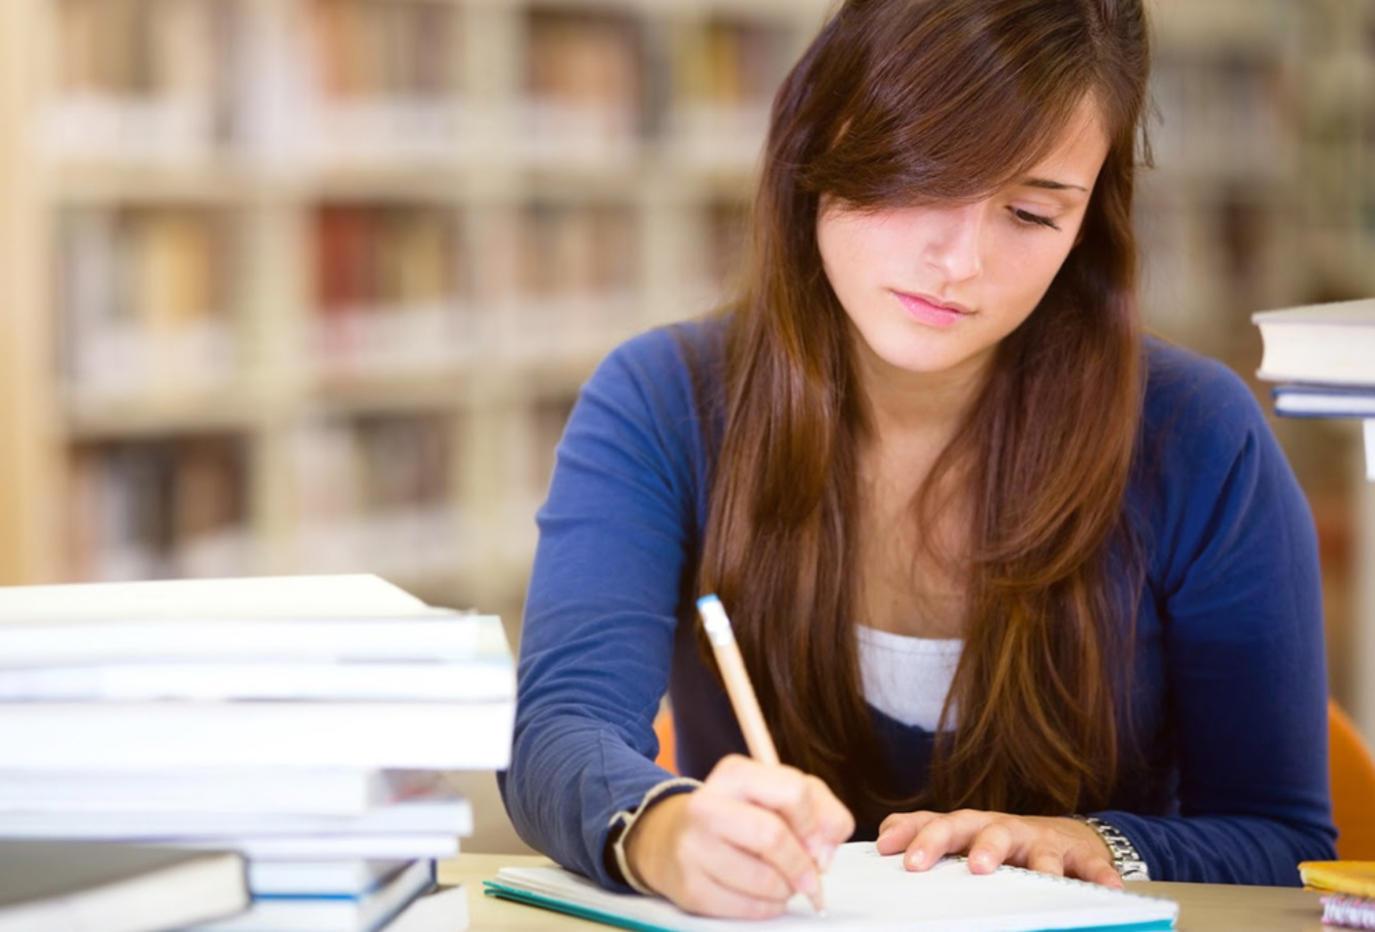 نصائح لتنظيم الوقت في الدراسة.. تعرف عليهم